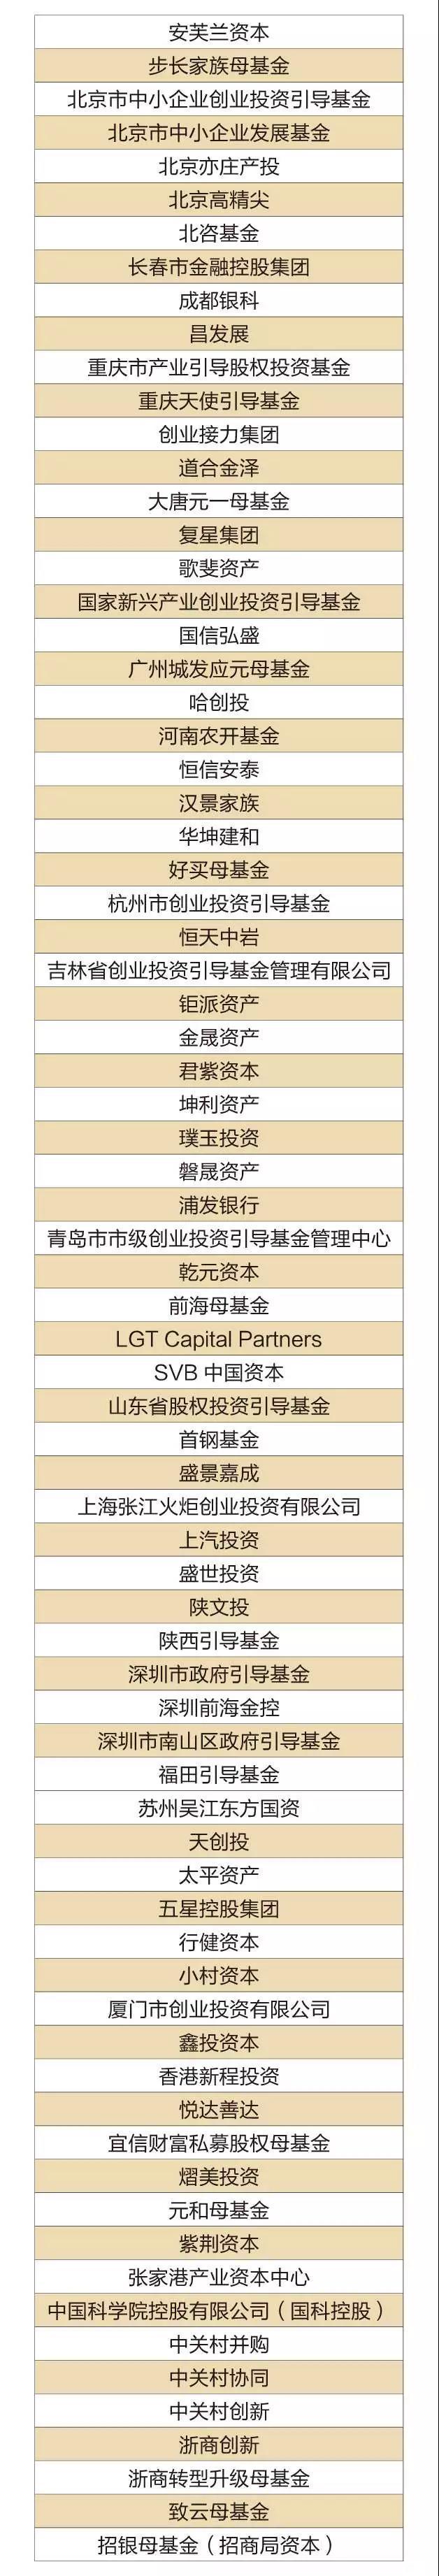 融资中国母基金研究院隆重成立,服务落地是特色